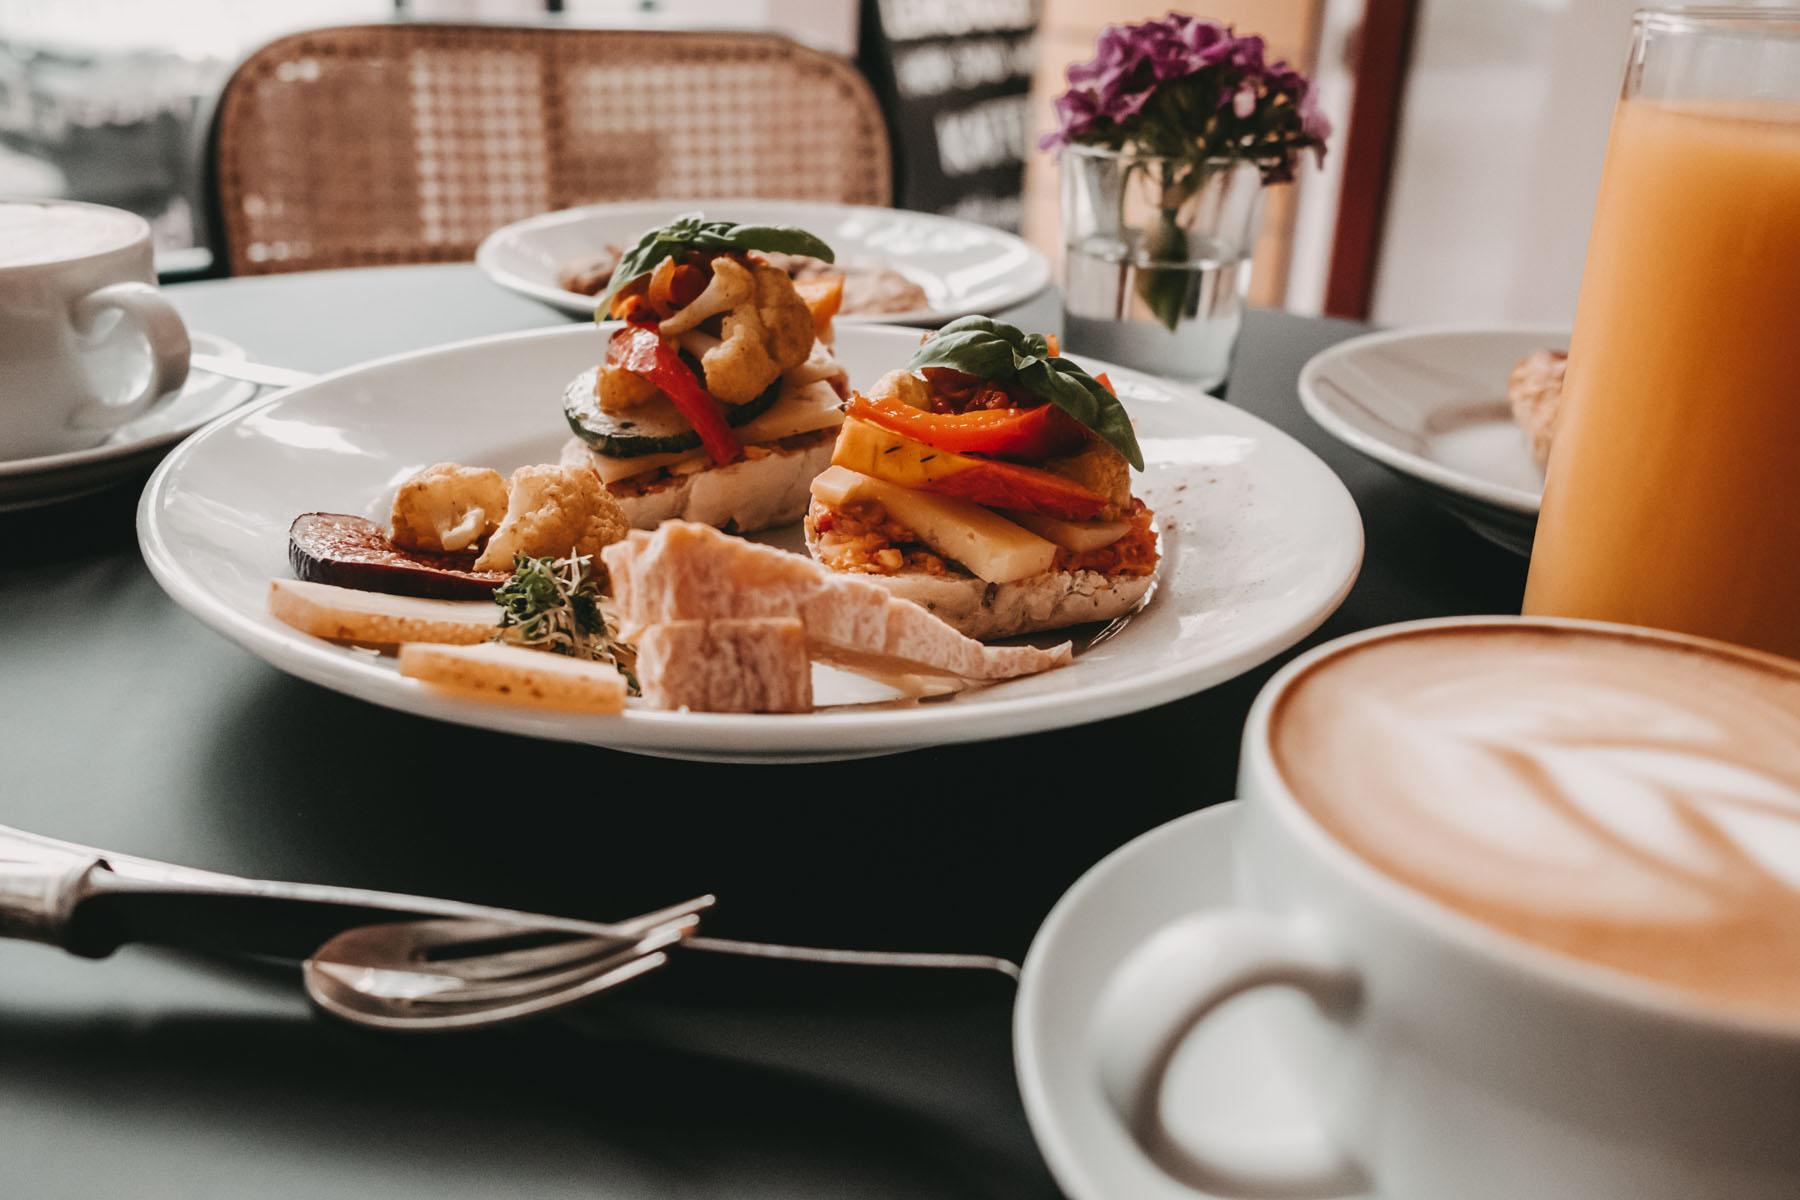 Gemüse, Käse, Orangensaft und cremiger Cappuccino, was will man mehr?